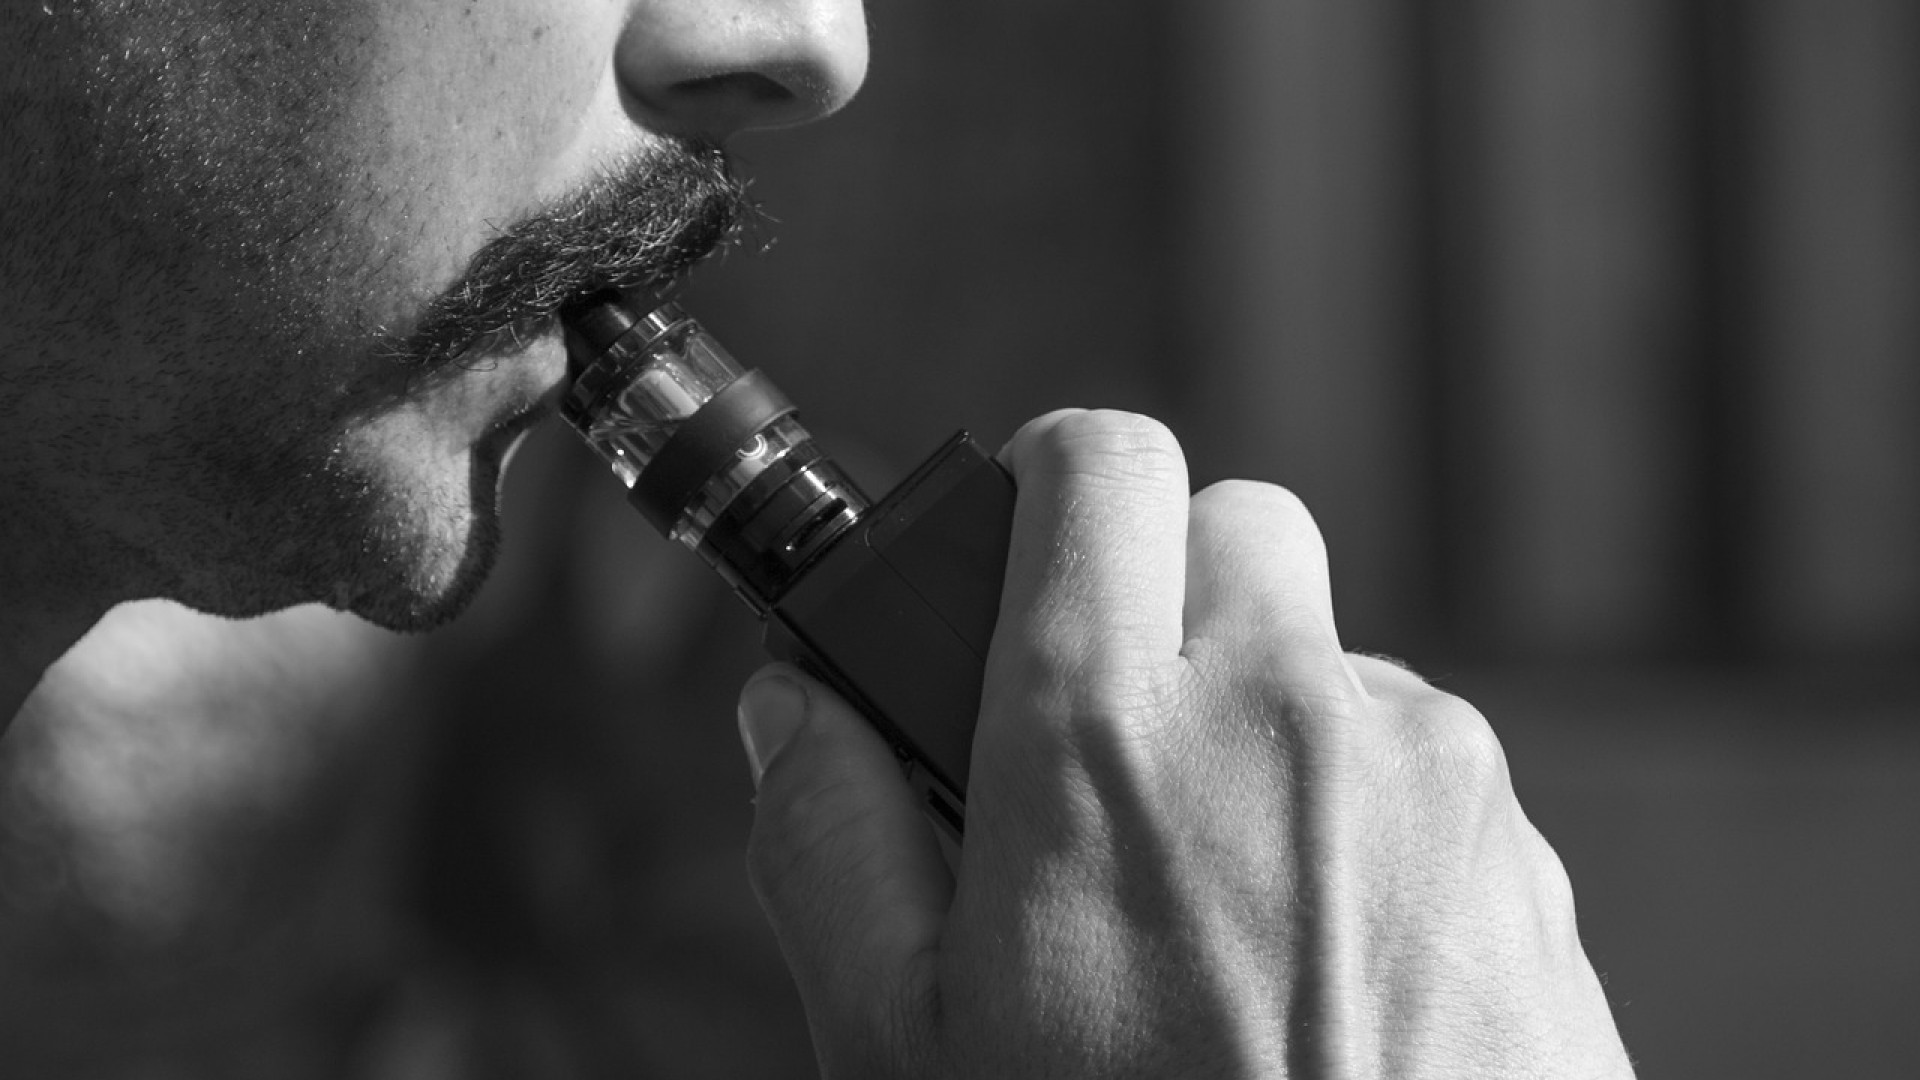 Quels sont les pays dans lesquels la cigarette électronique est autorisée ?